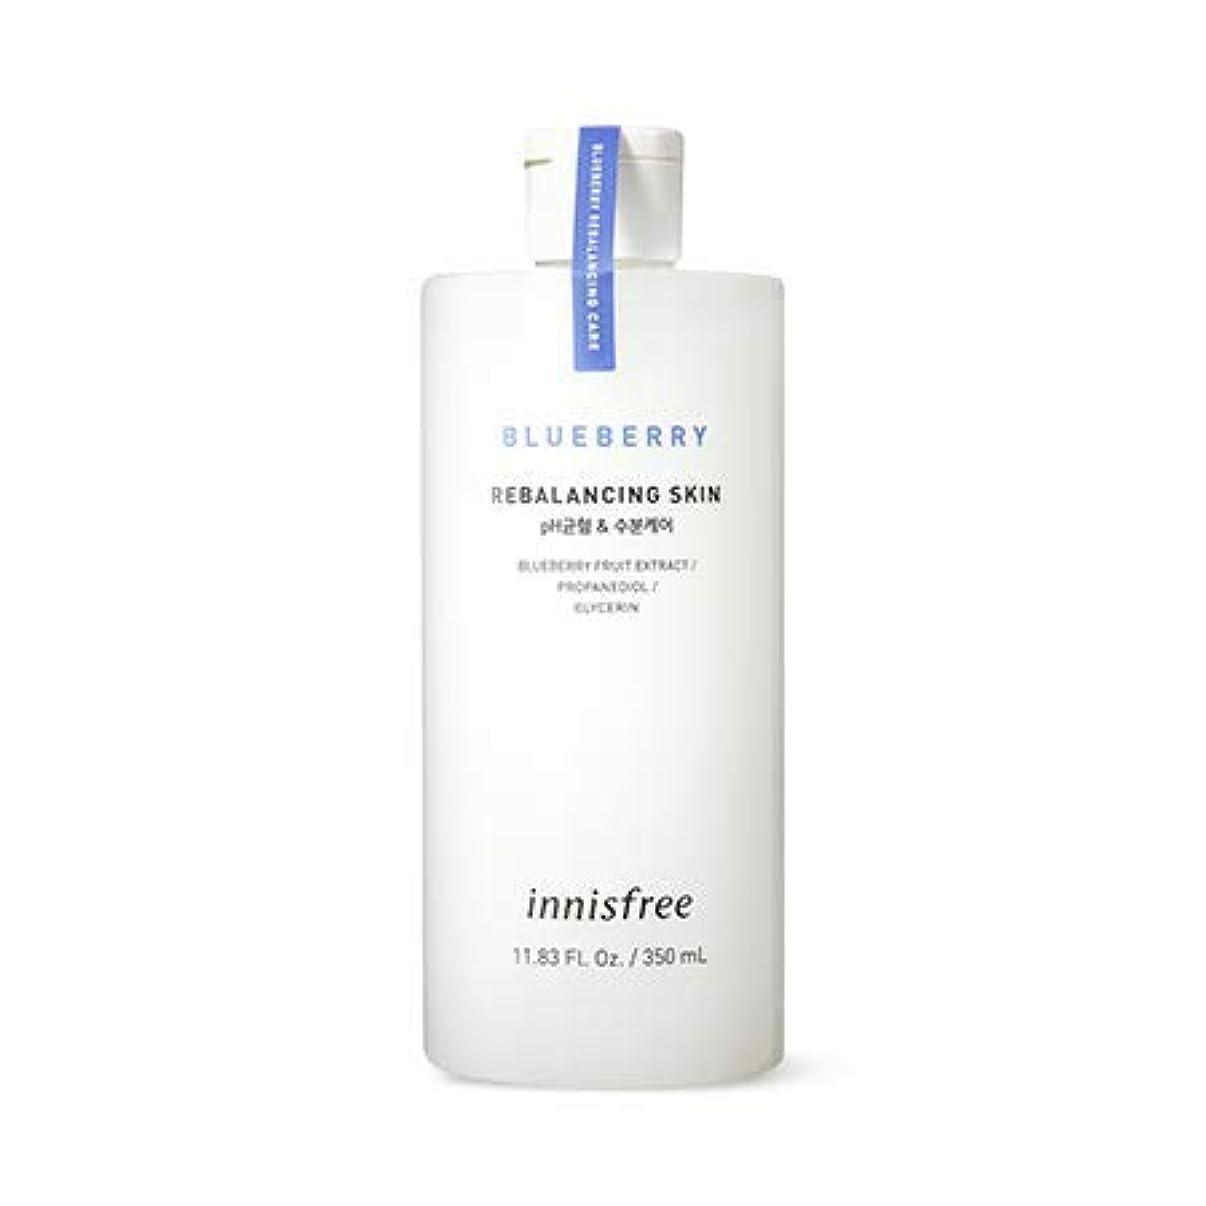 ノミネート最も遠い心理的に[イニスフリー.innisfree]ブルーベリーリバランシングスキン(2019新発売)/ Blueberry Rebalancing Skin (大容量(350ml))